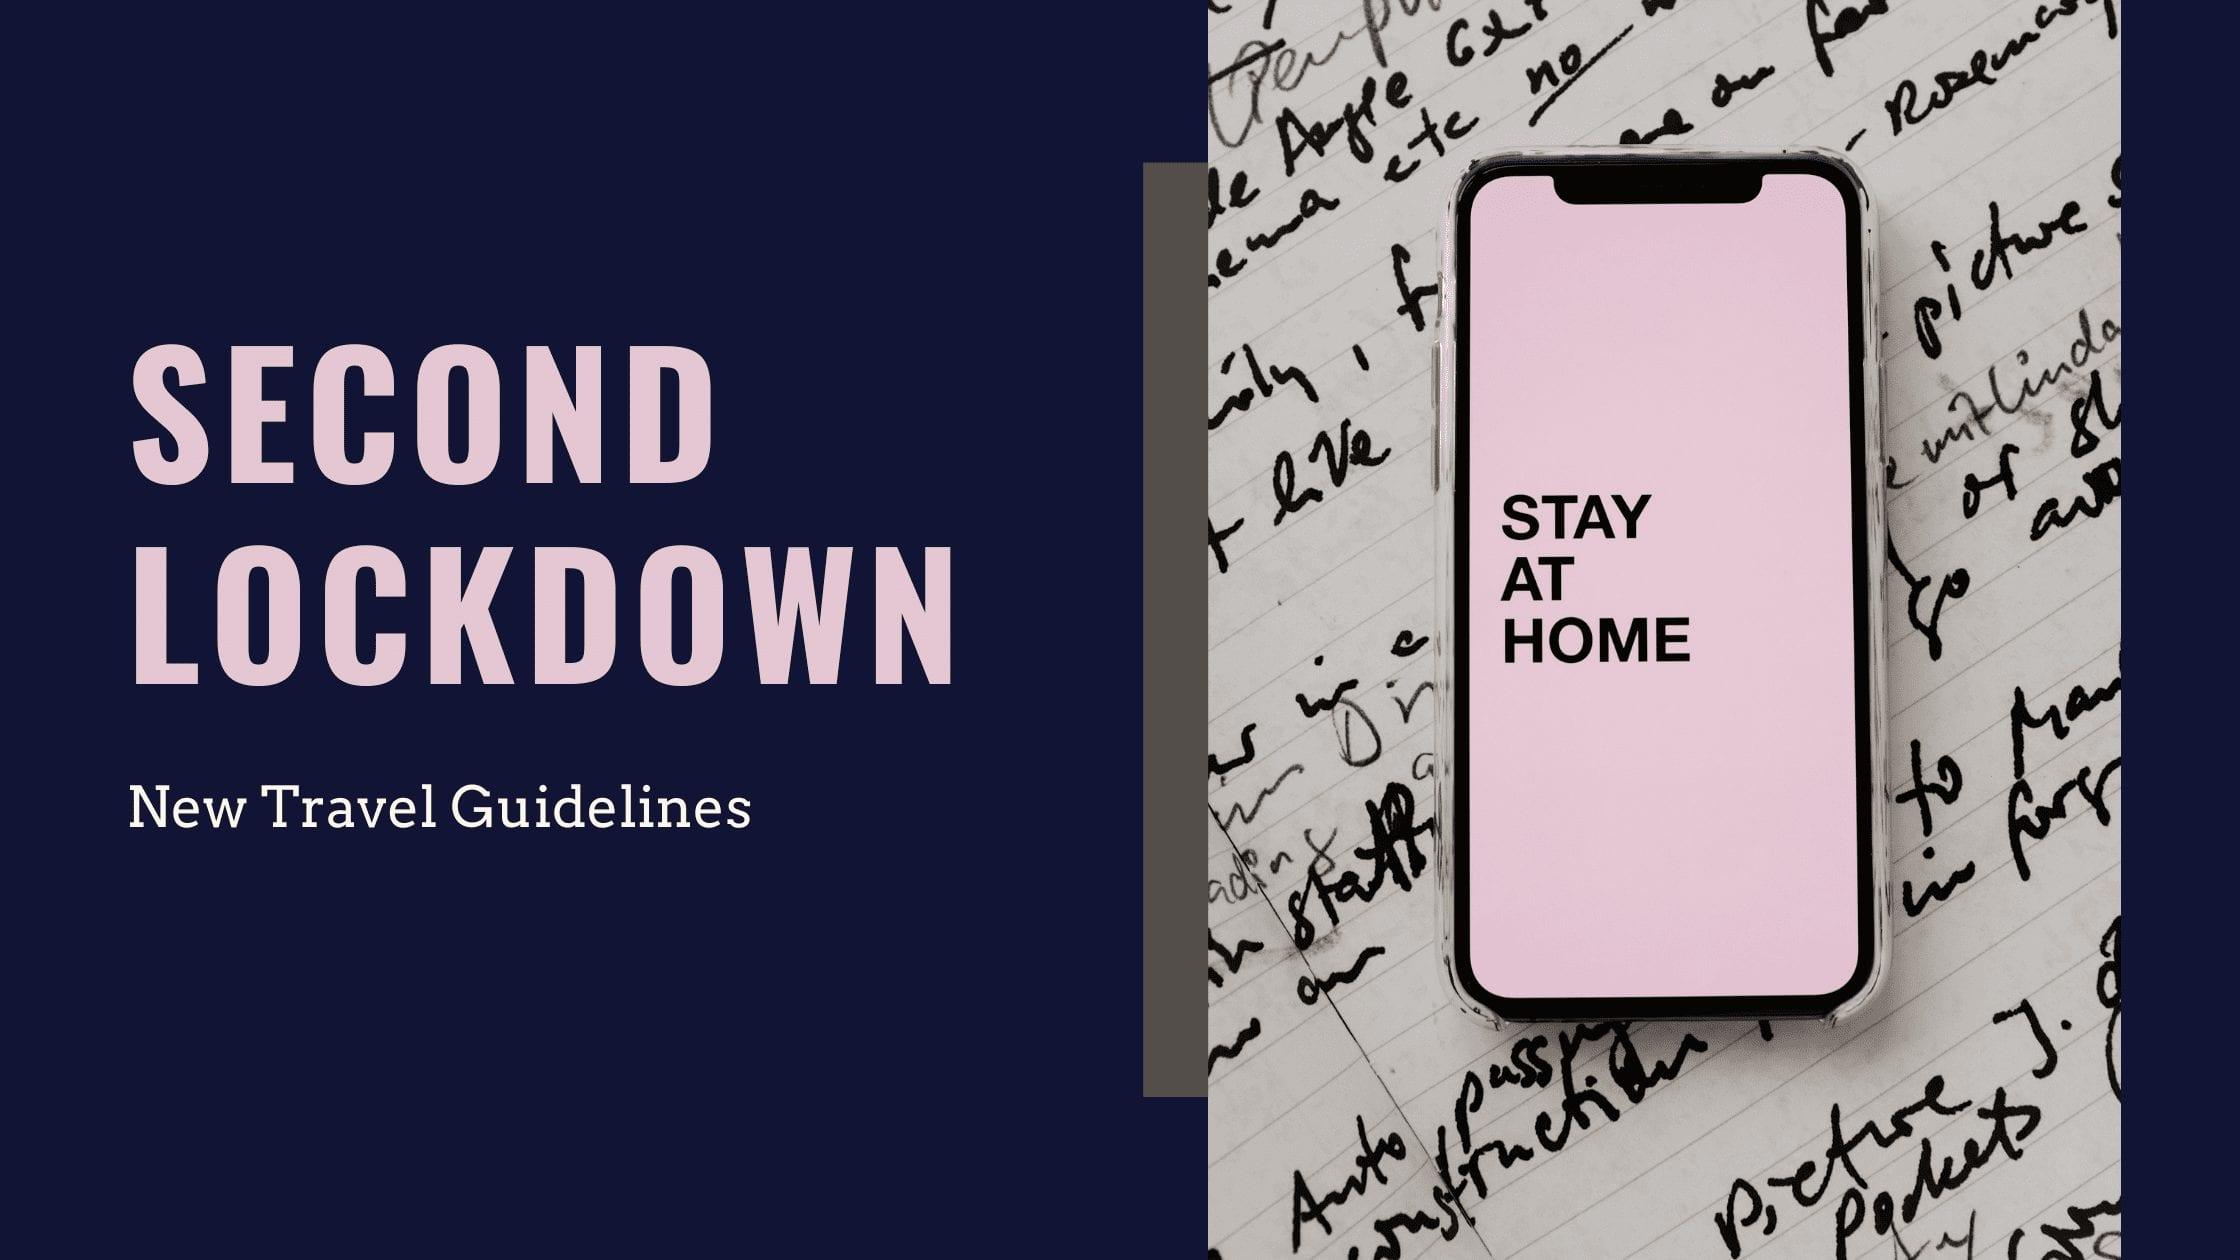 UK Lockdown New Travel Guidelines